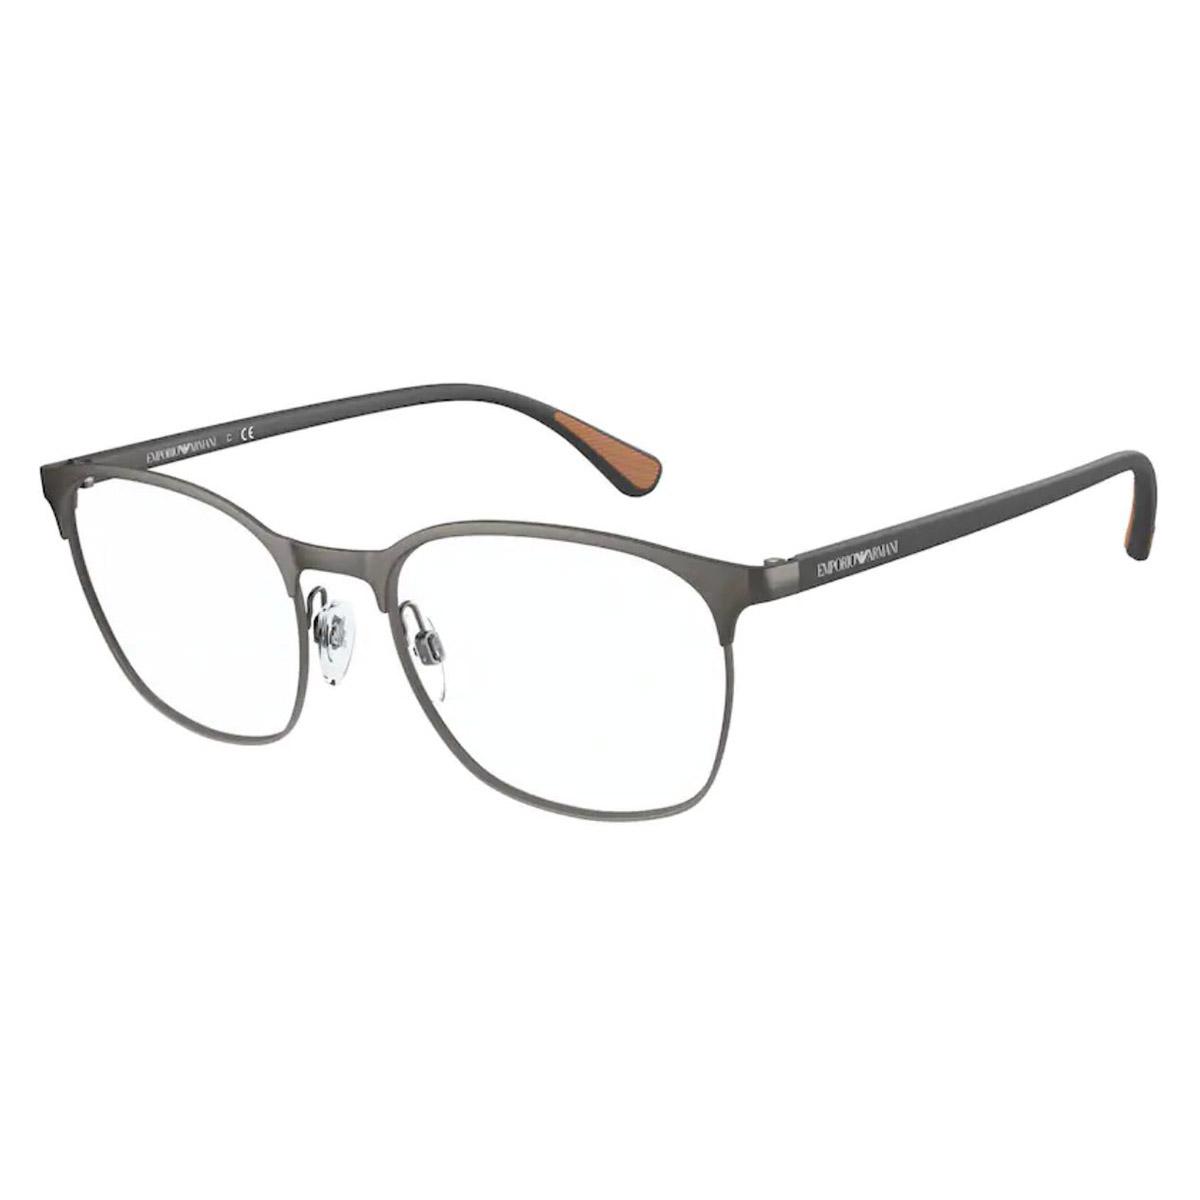 Óculos de Grau Empório Armani EA1114 Metal Cinza Fosco